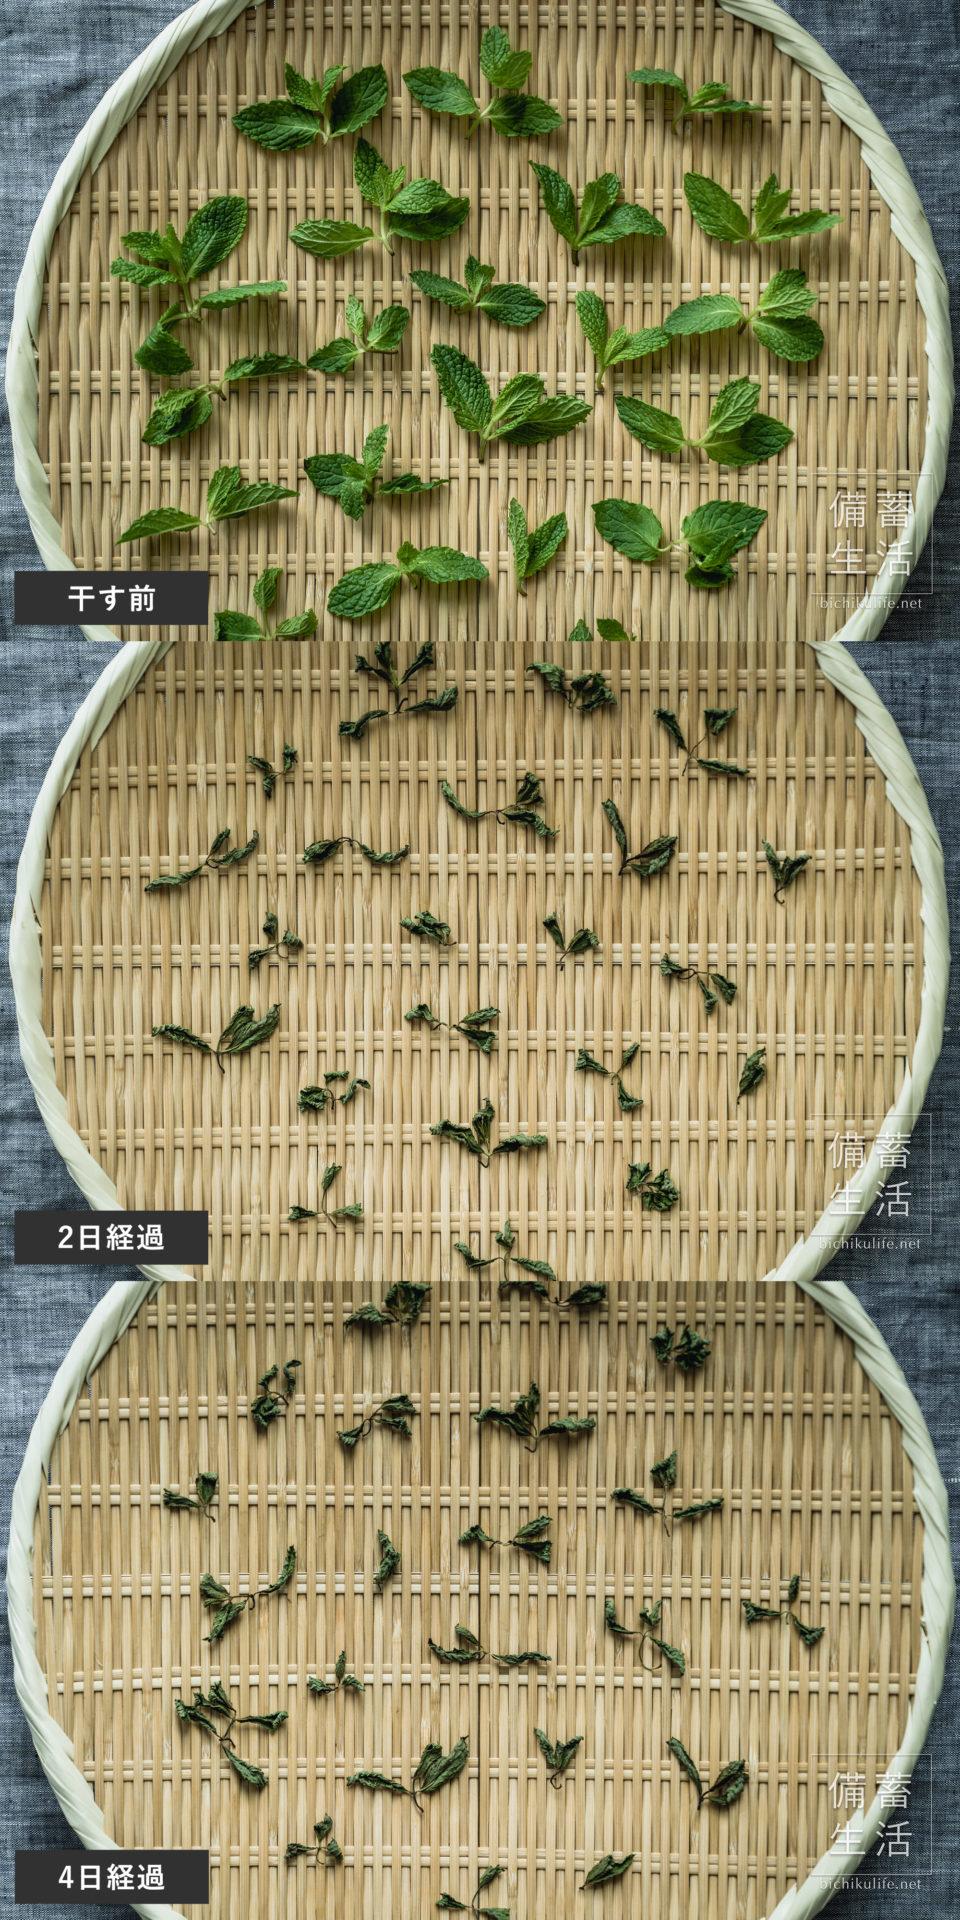 スペアミント 干し野菜づくり|干しスペアミントの作り方